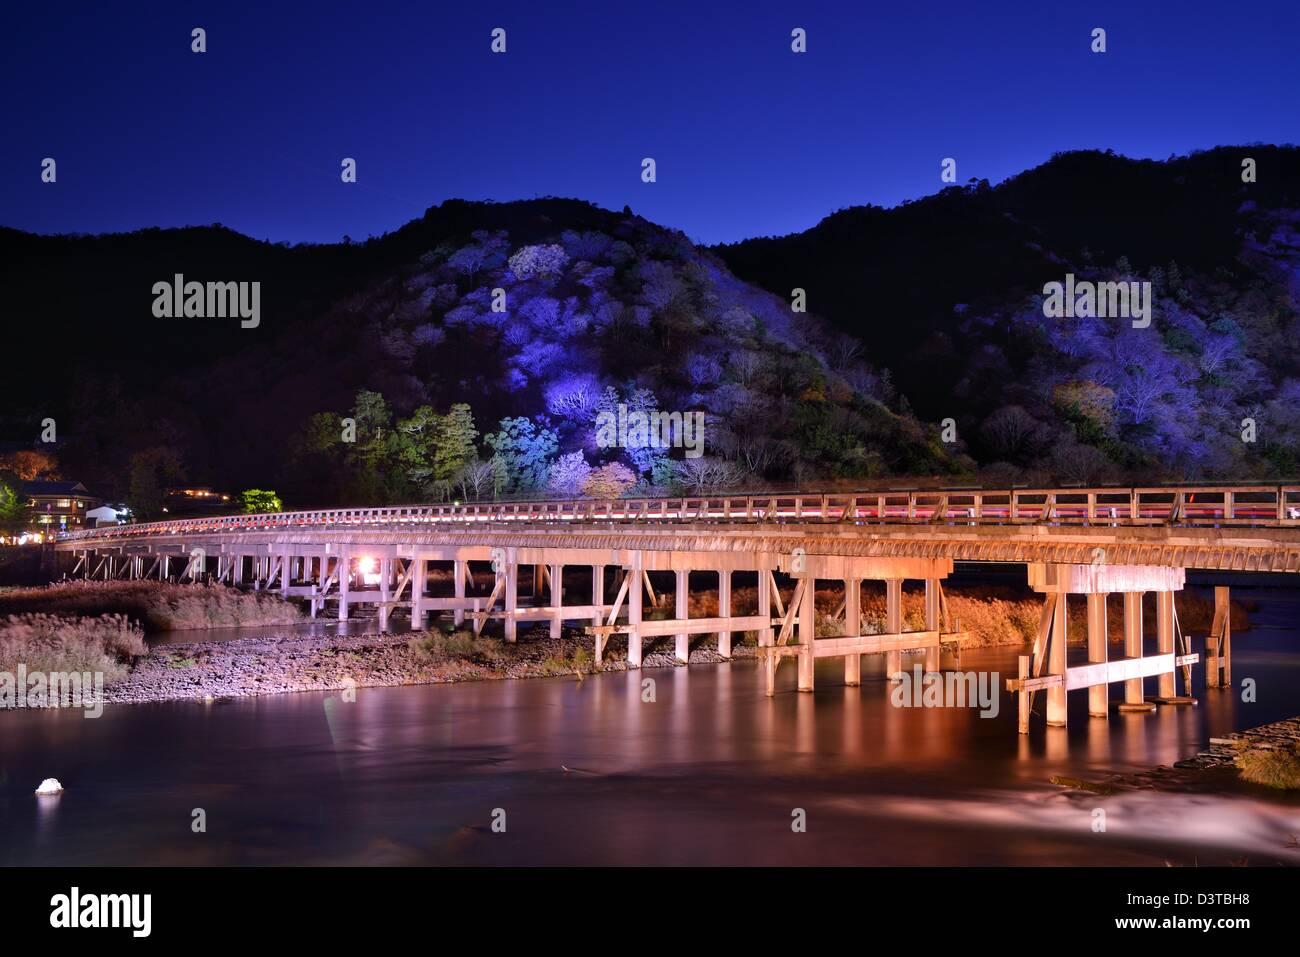 El histórico Puente Togetsukyo, iluminado por la noche en el distrito Arashiyama de Kyoto, Japón. Imagen De Stock